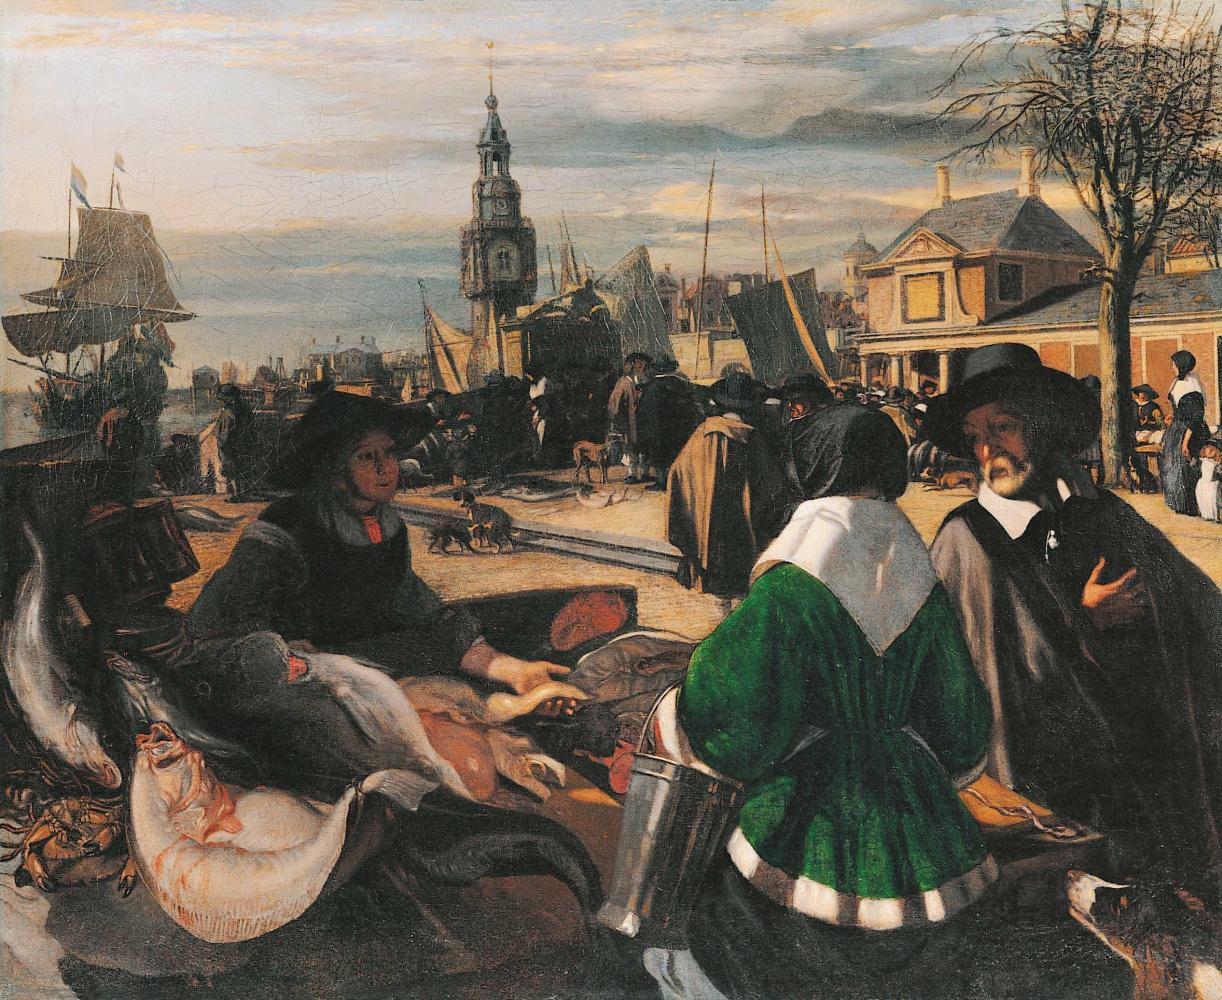 Эмануэль де Витте. Рынок в порту